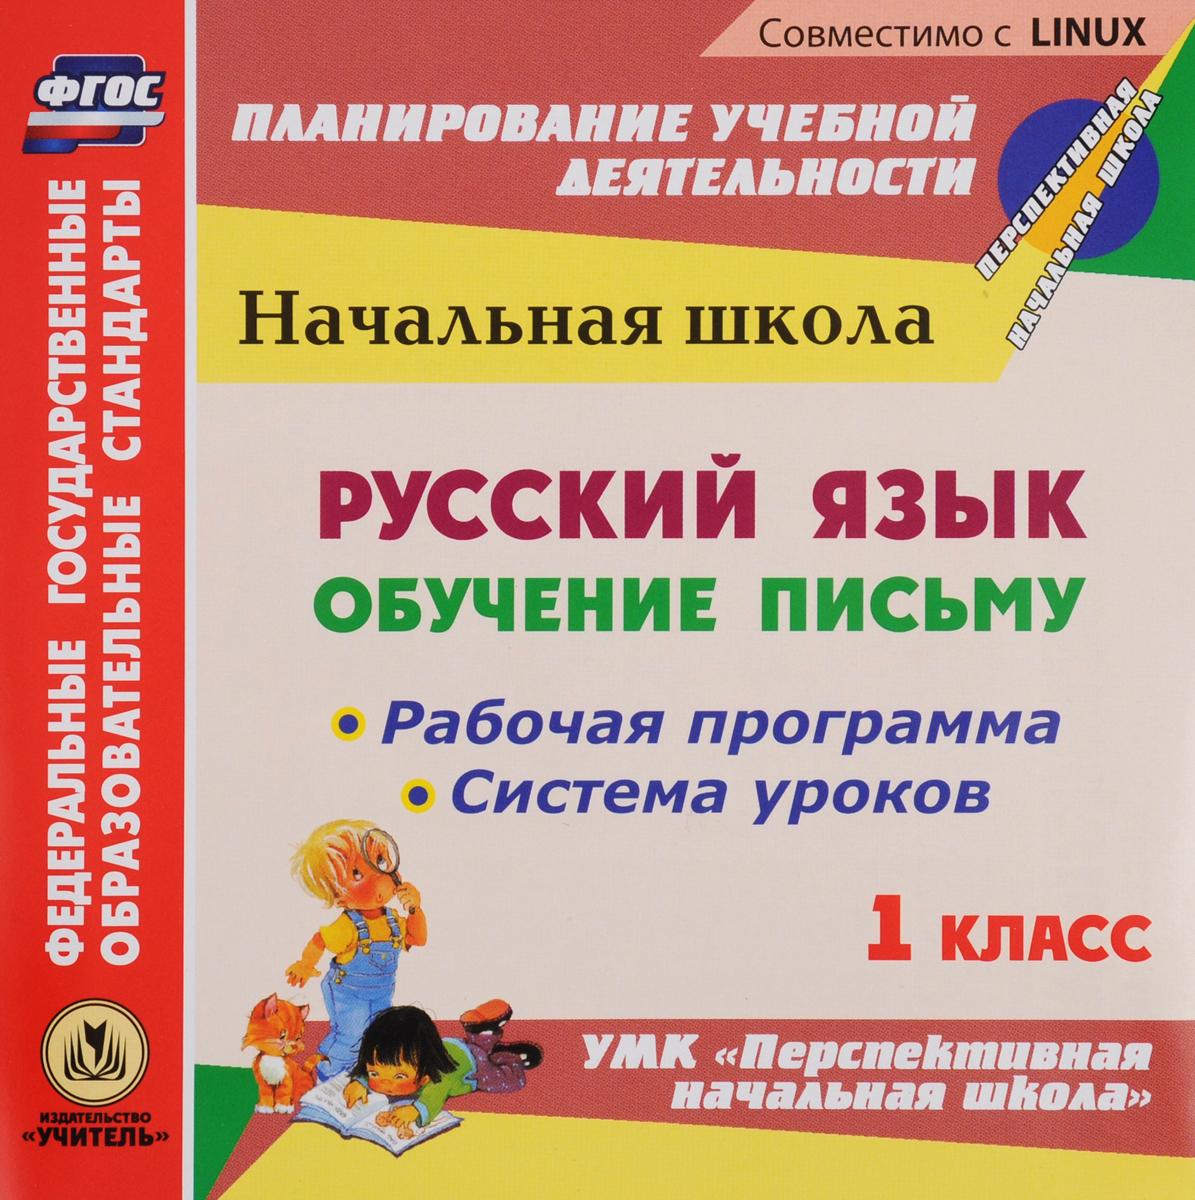 Рабочая программа и система уроков по УМК